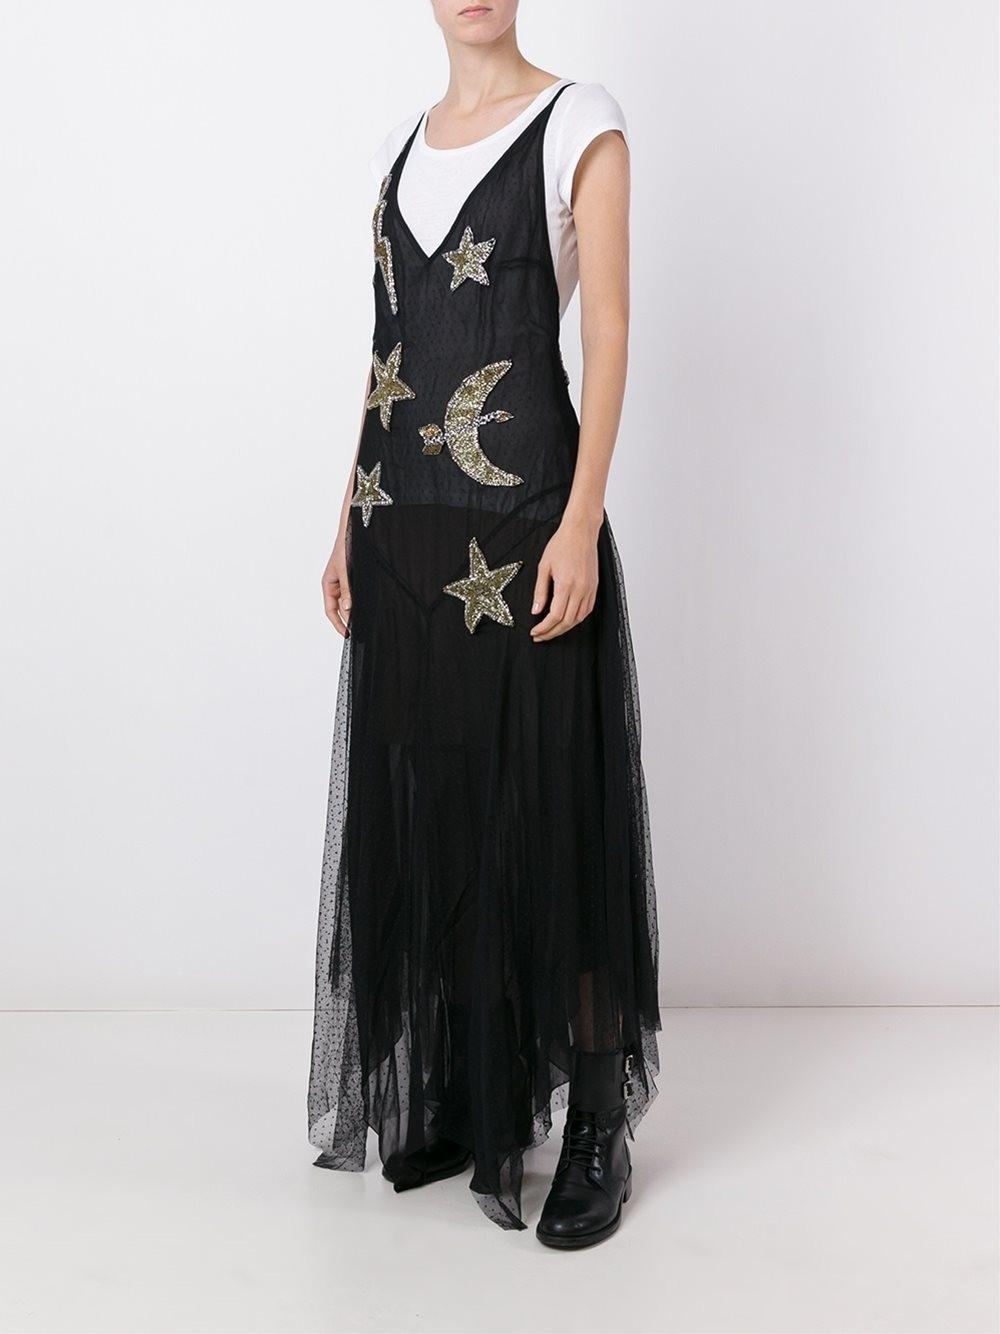 Designer Coolste Tageskleider Damen SpezialgebietAbend Wunderbar Tageskleider Damen Vertrieb